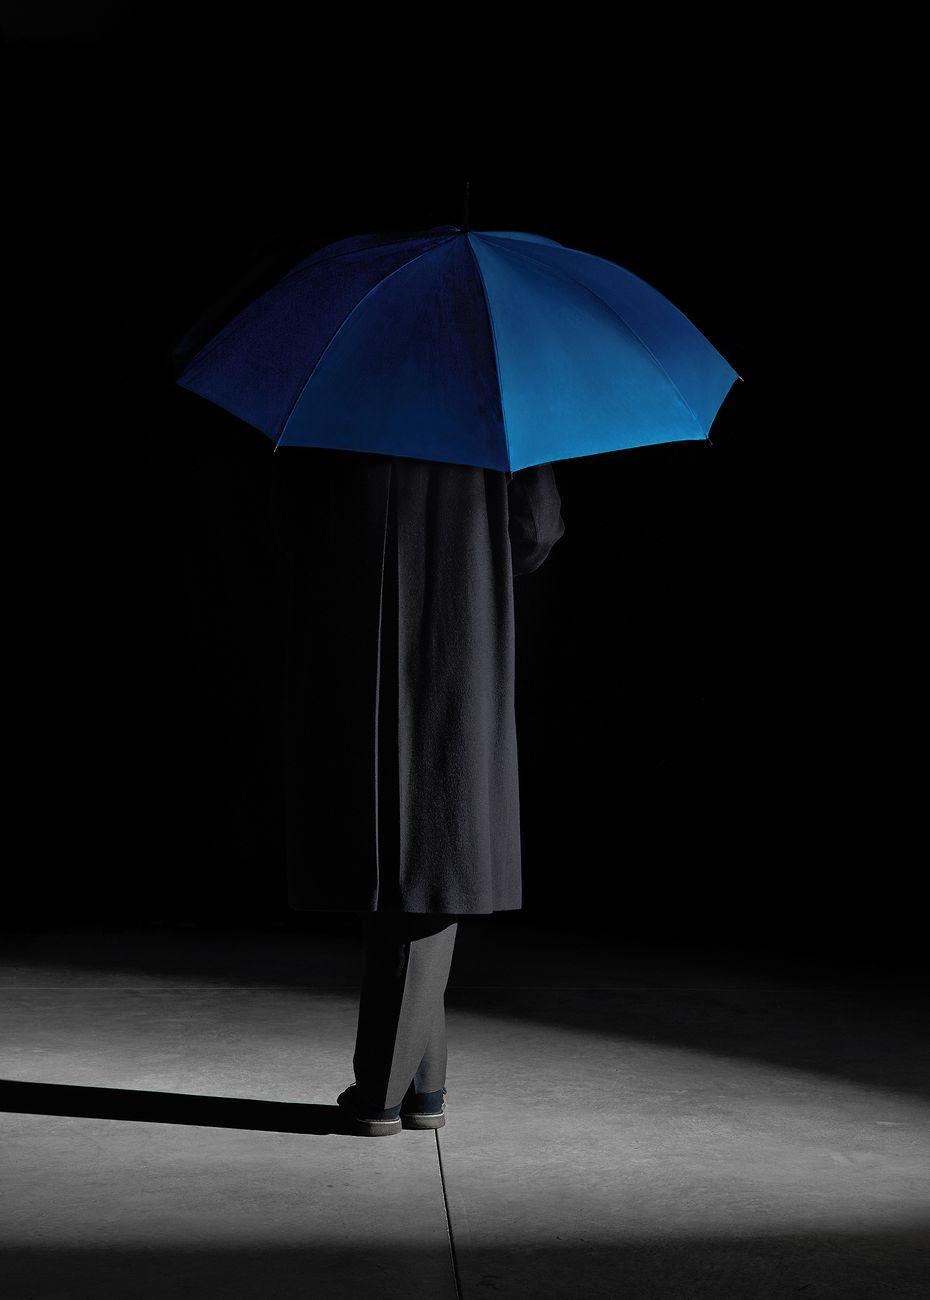 Francesco Gennari, Autoritratto come colonna portante della volta celeste, 2020